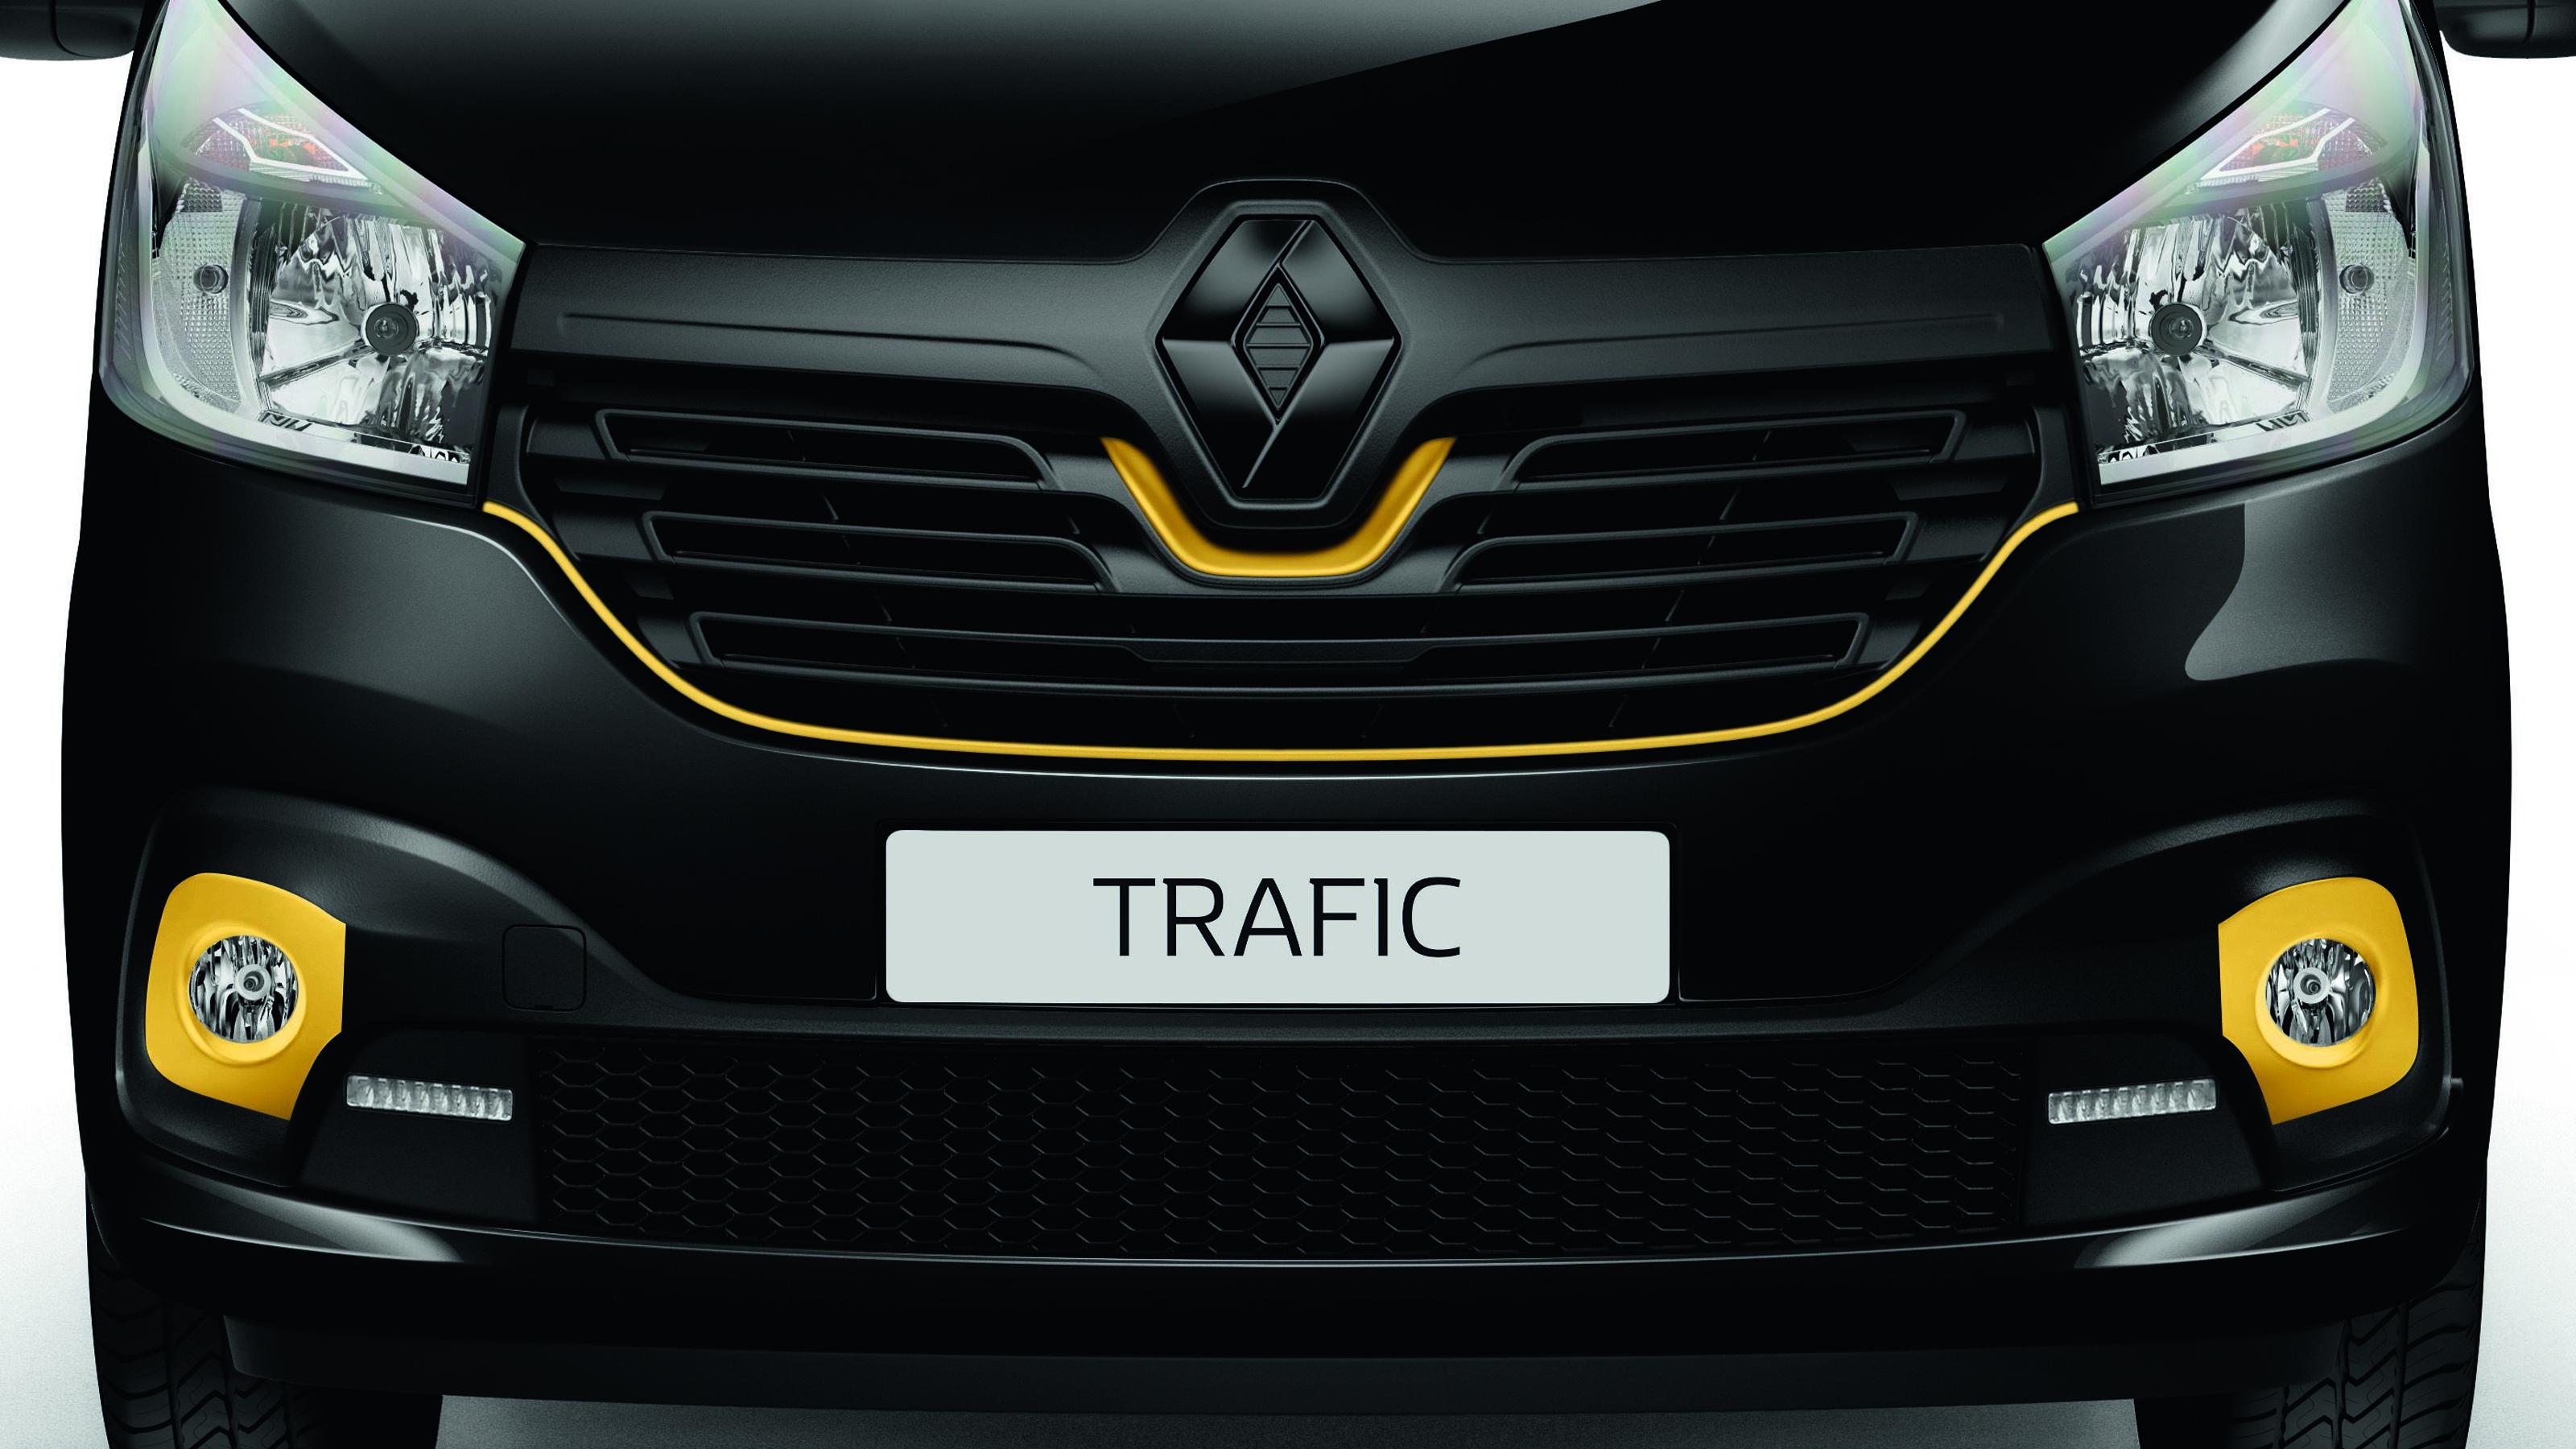 Renault reveals F1-inspired van